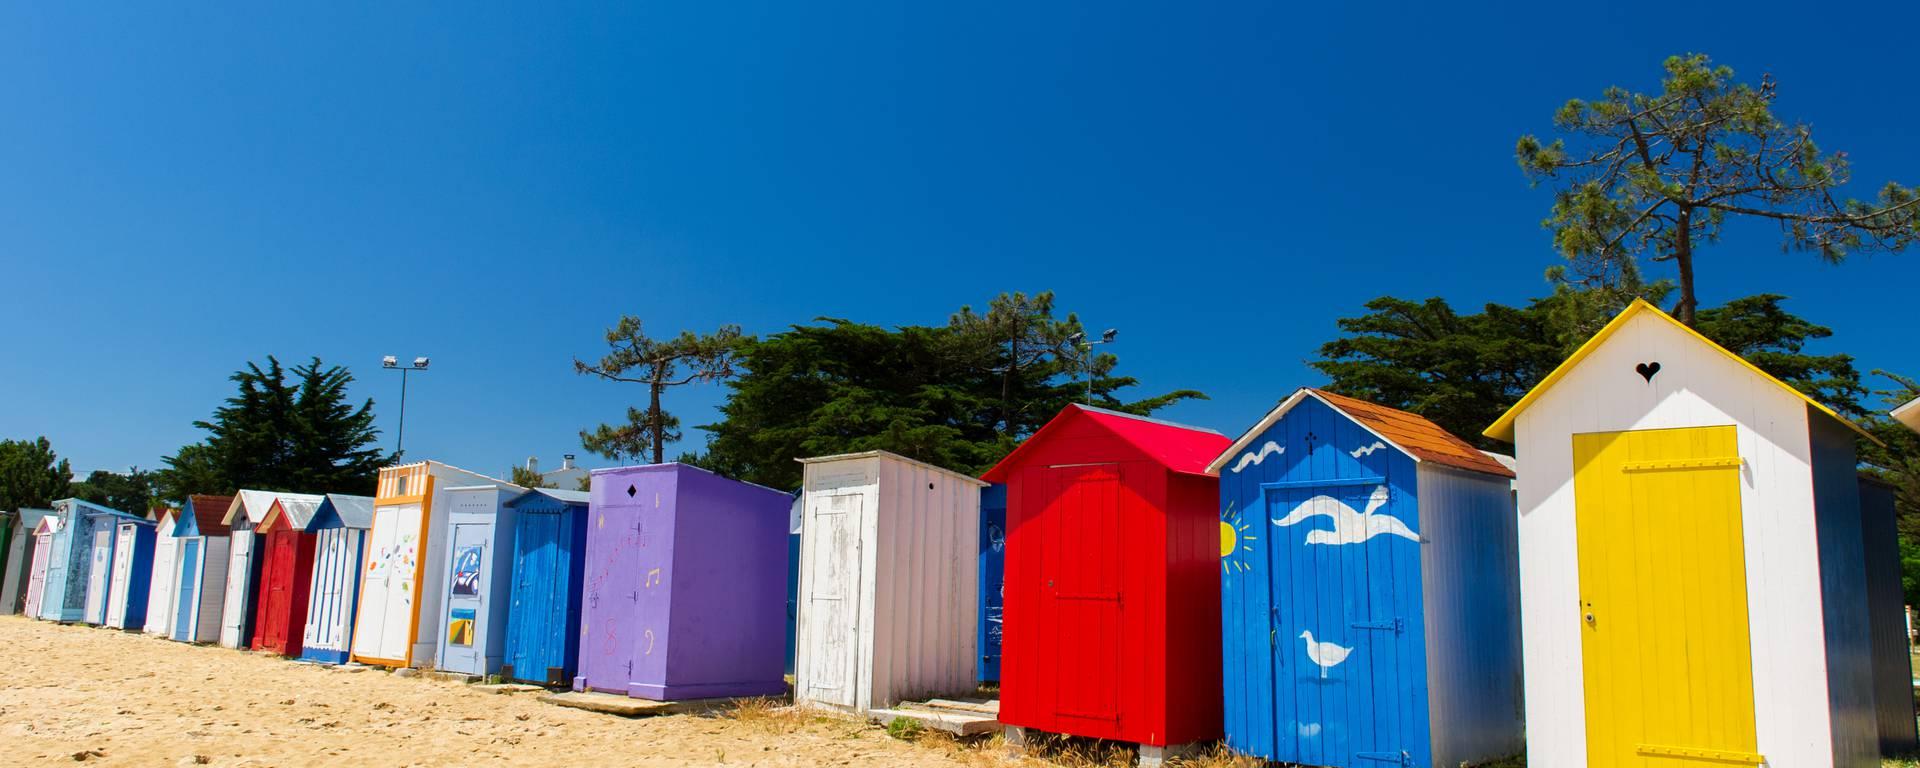 Cabanes sur les plages de l'île d'Oléron